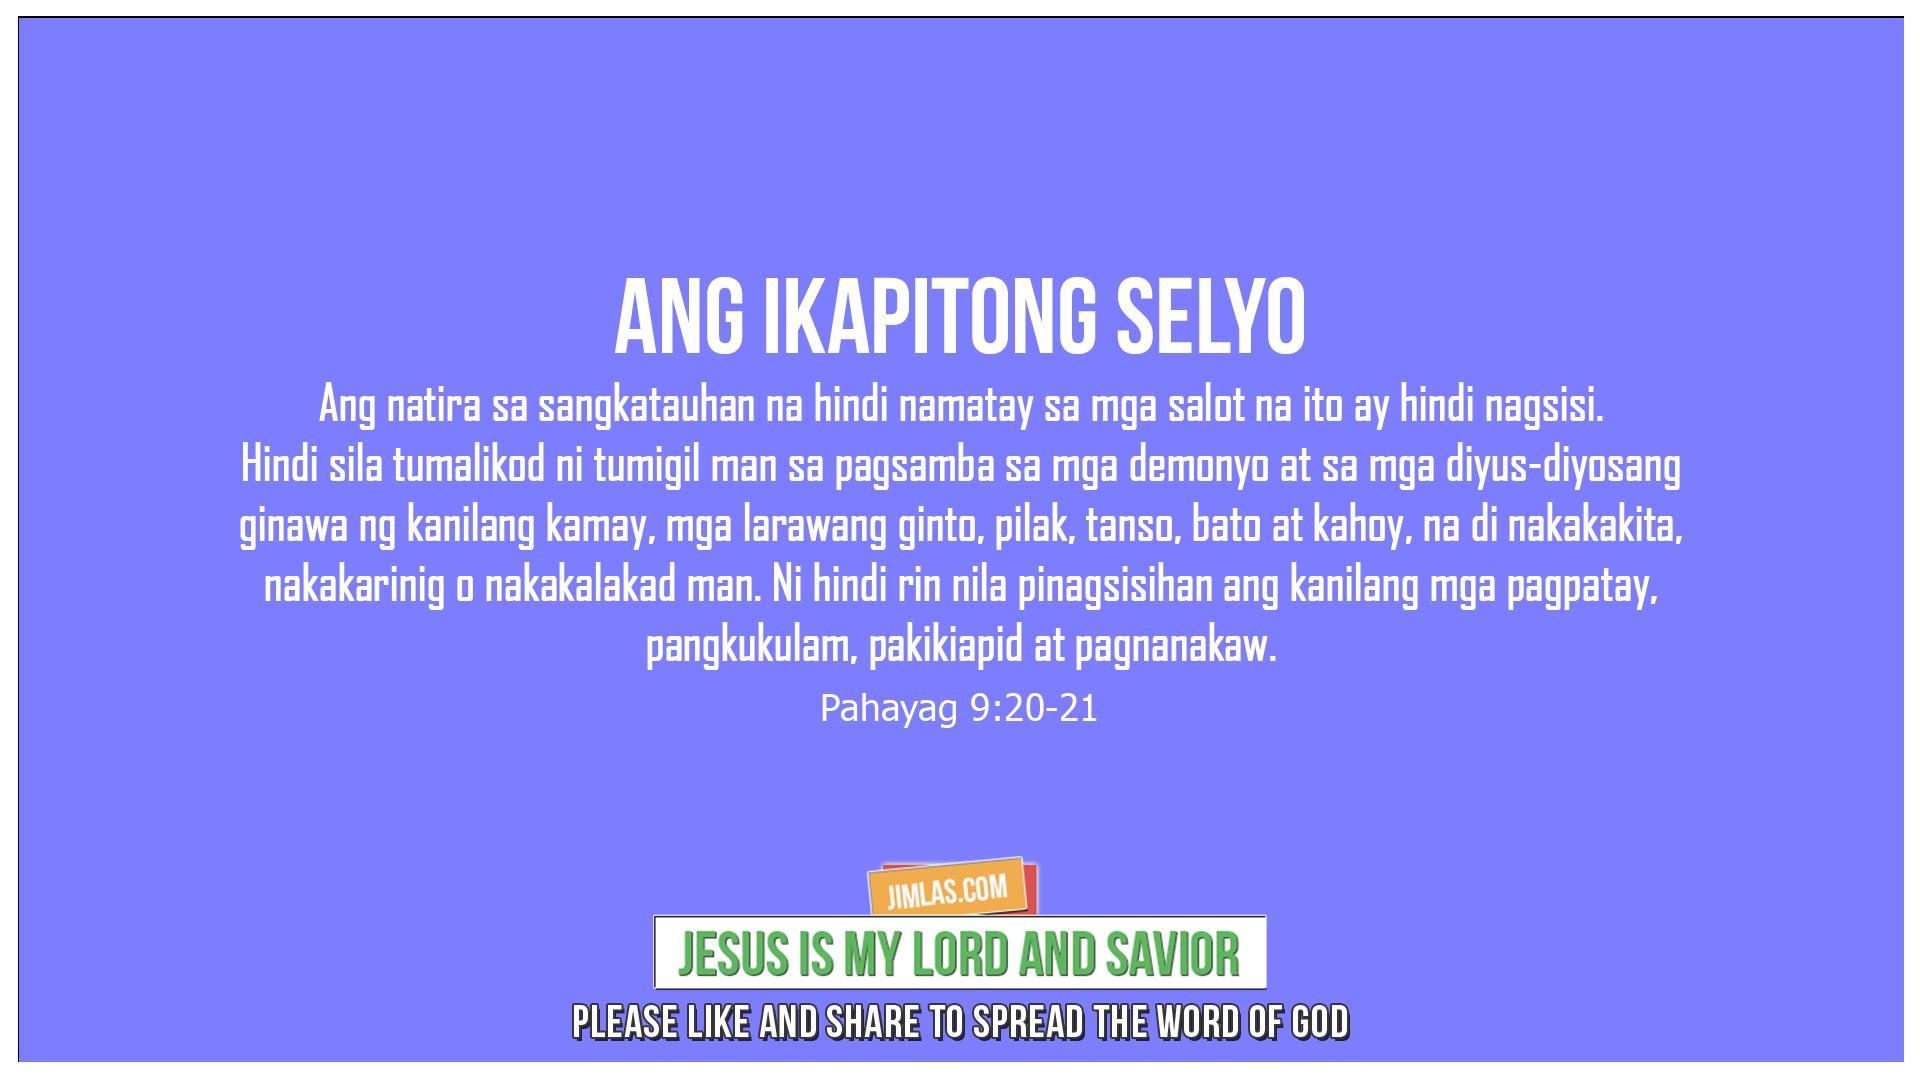 Pahayag 9:20-21, Pahayag 9:20-21